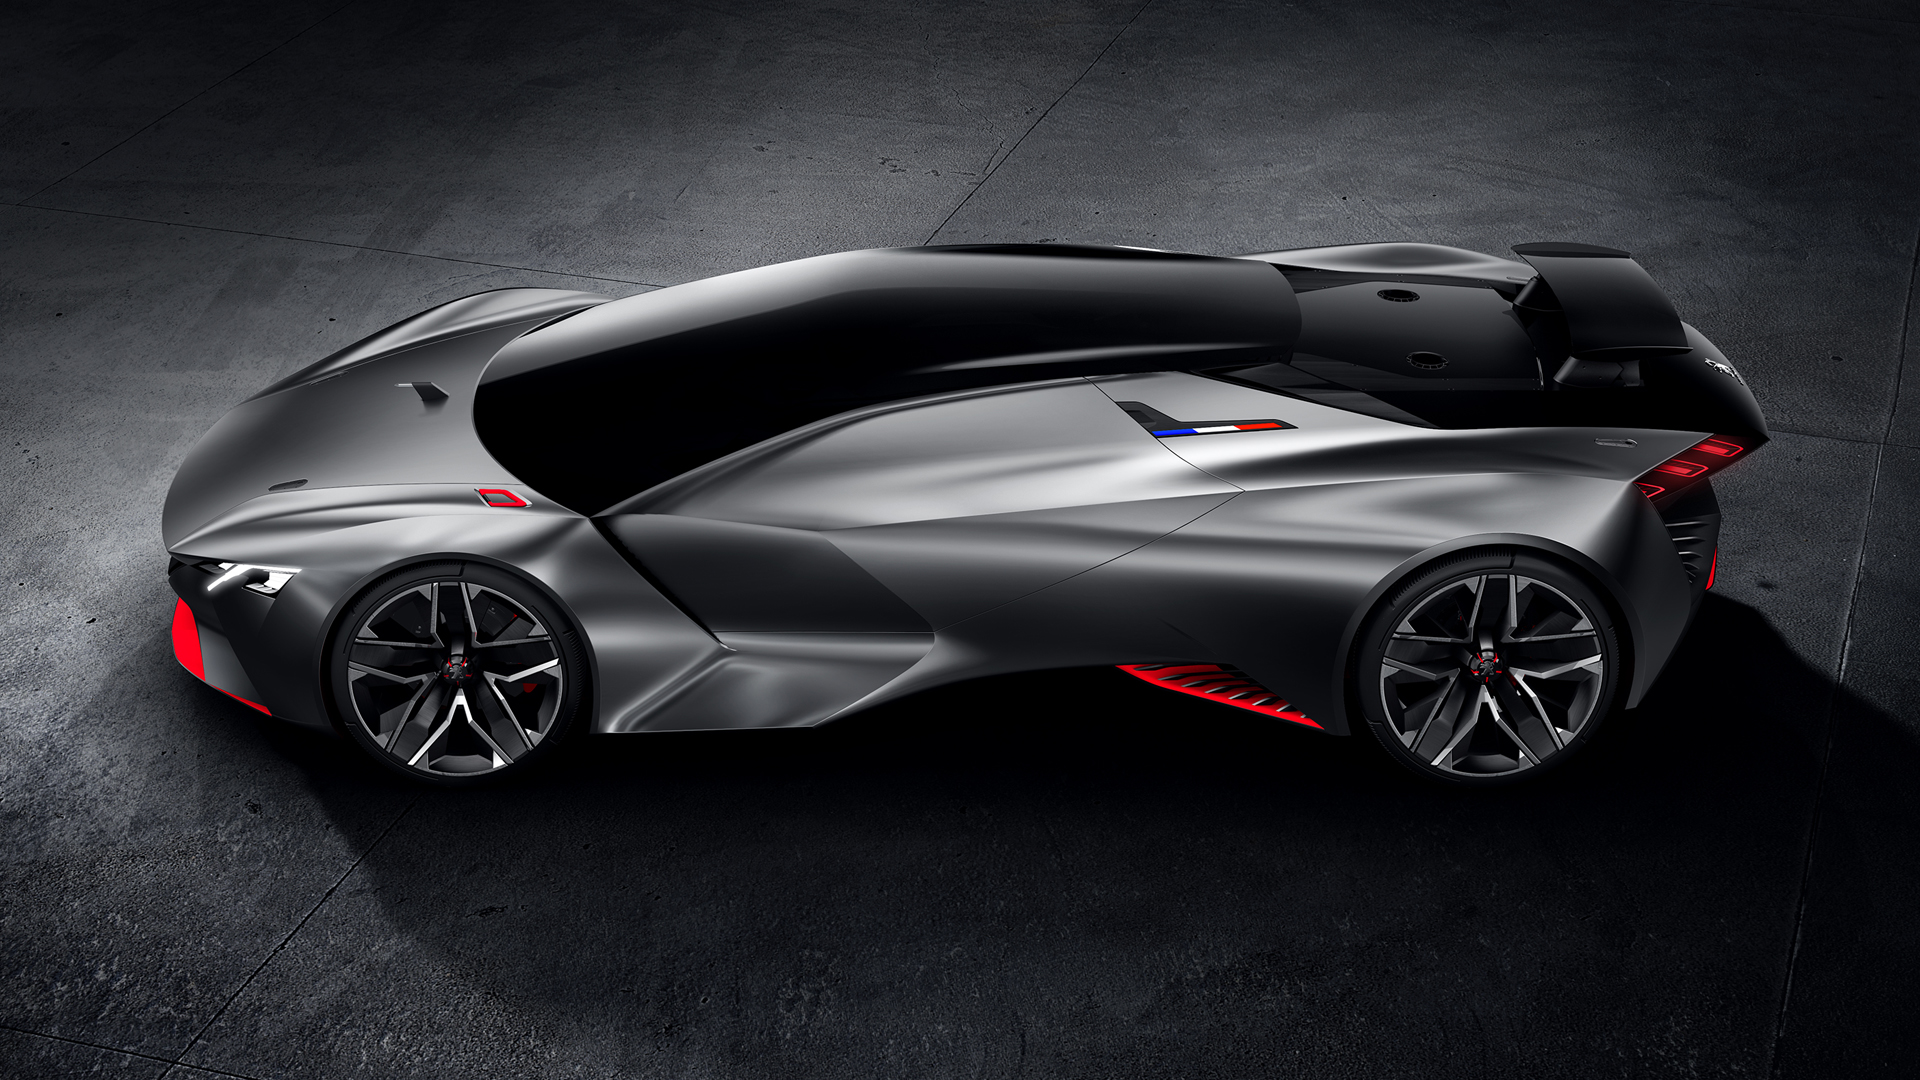 Peugeot Vision Gran Turismo - Les Concept-cars Peugeot